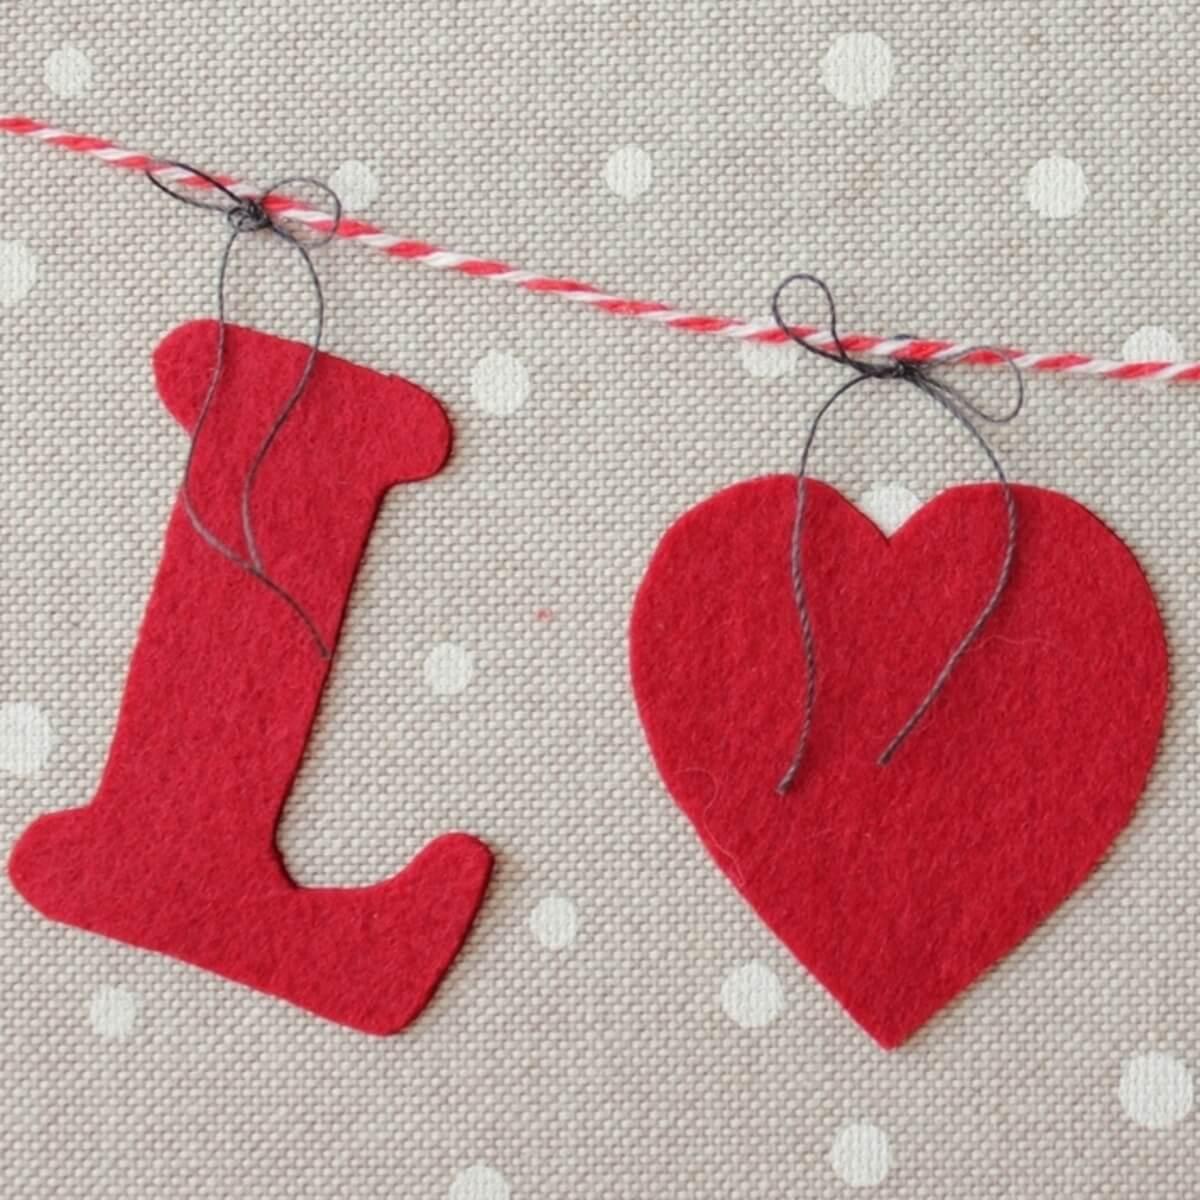 Bild-LOVE-Detail_1200x1200